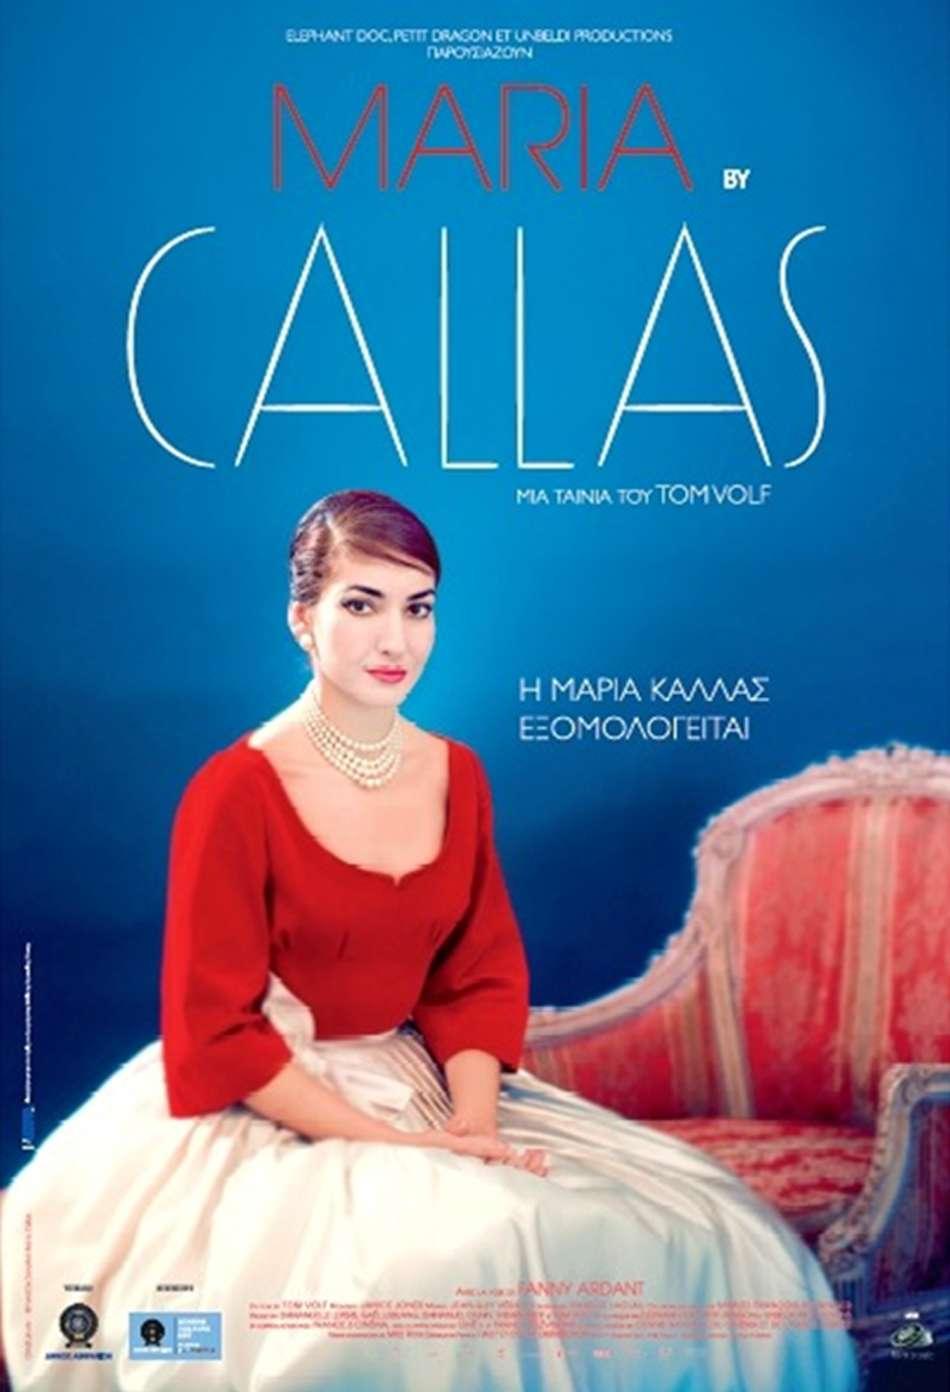 Η Mαρία Κάλλας εξομολογείται (Maria by Callas) Poster